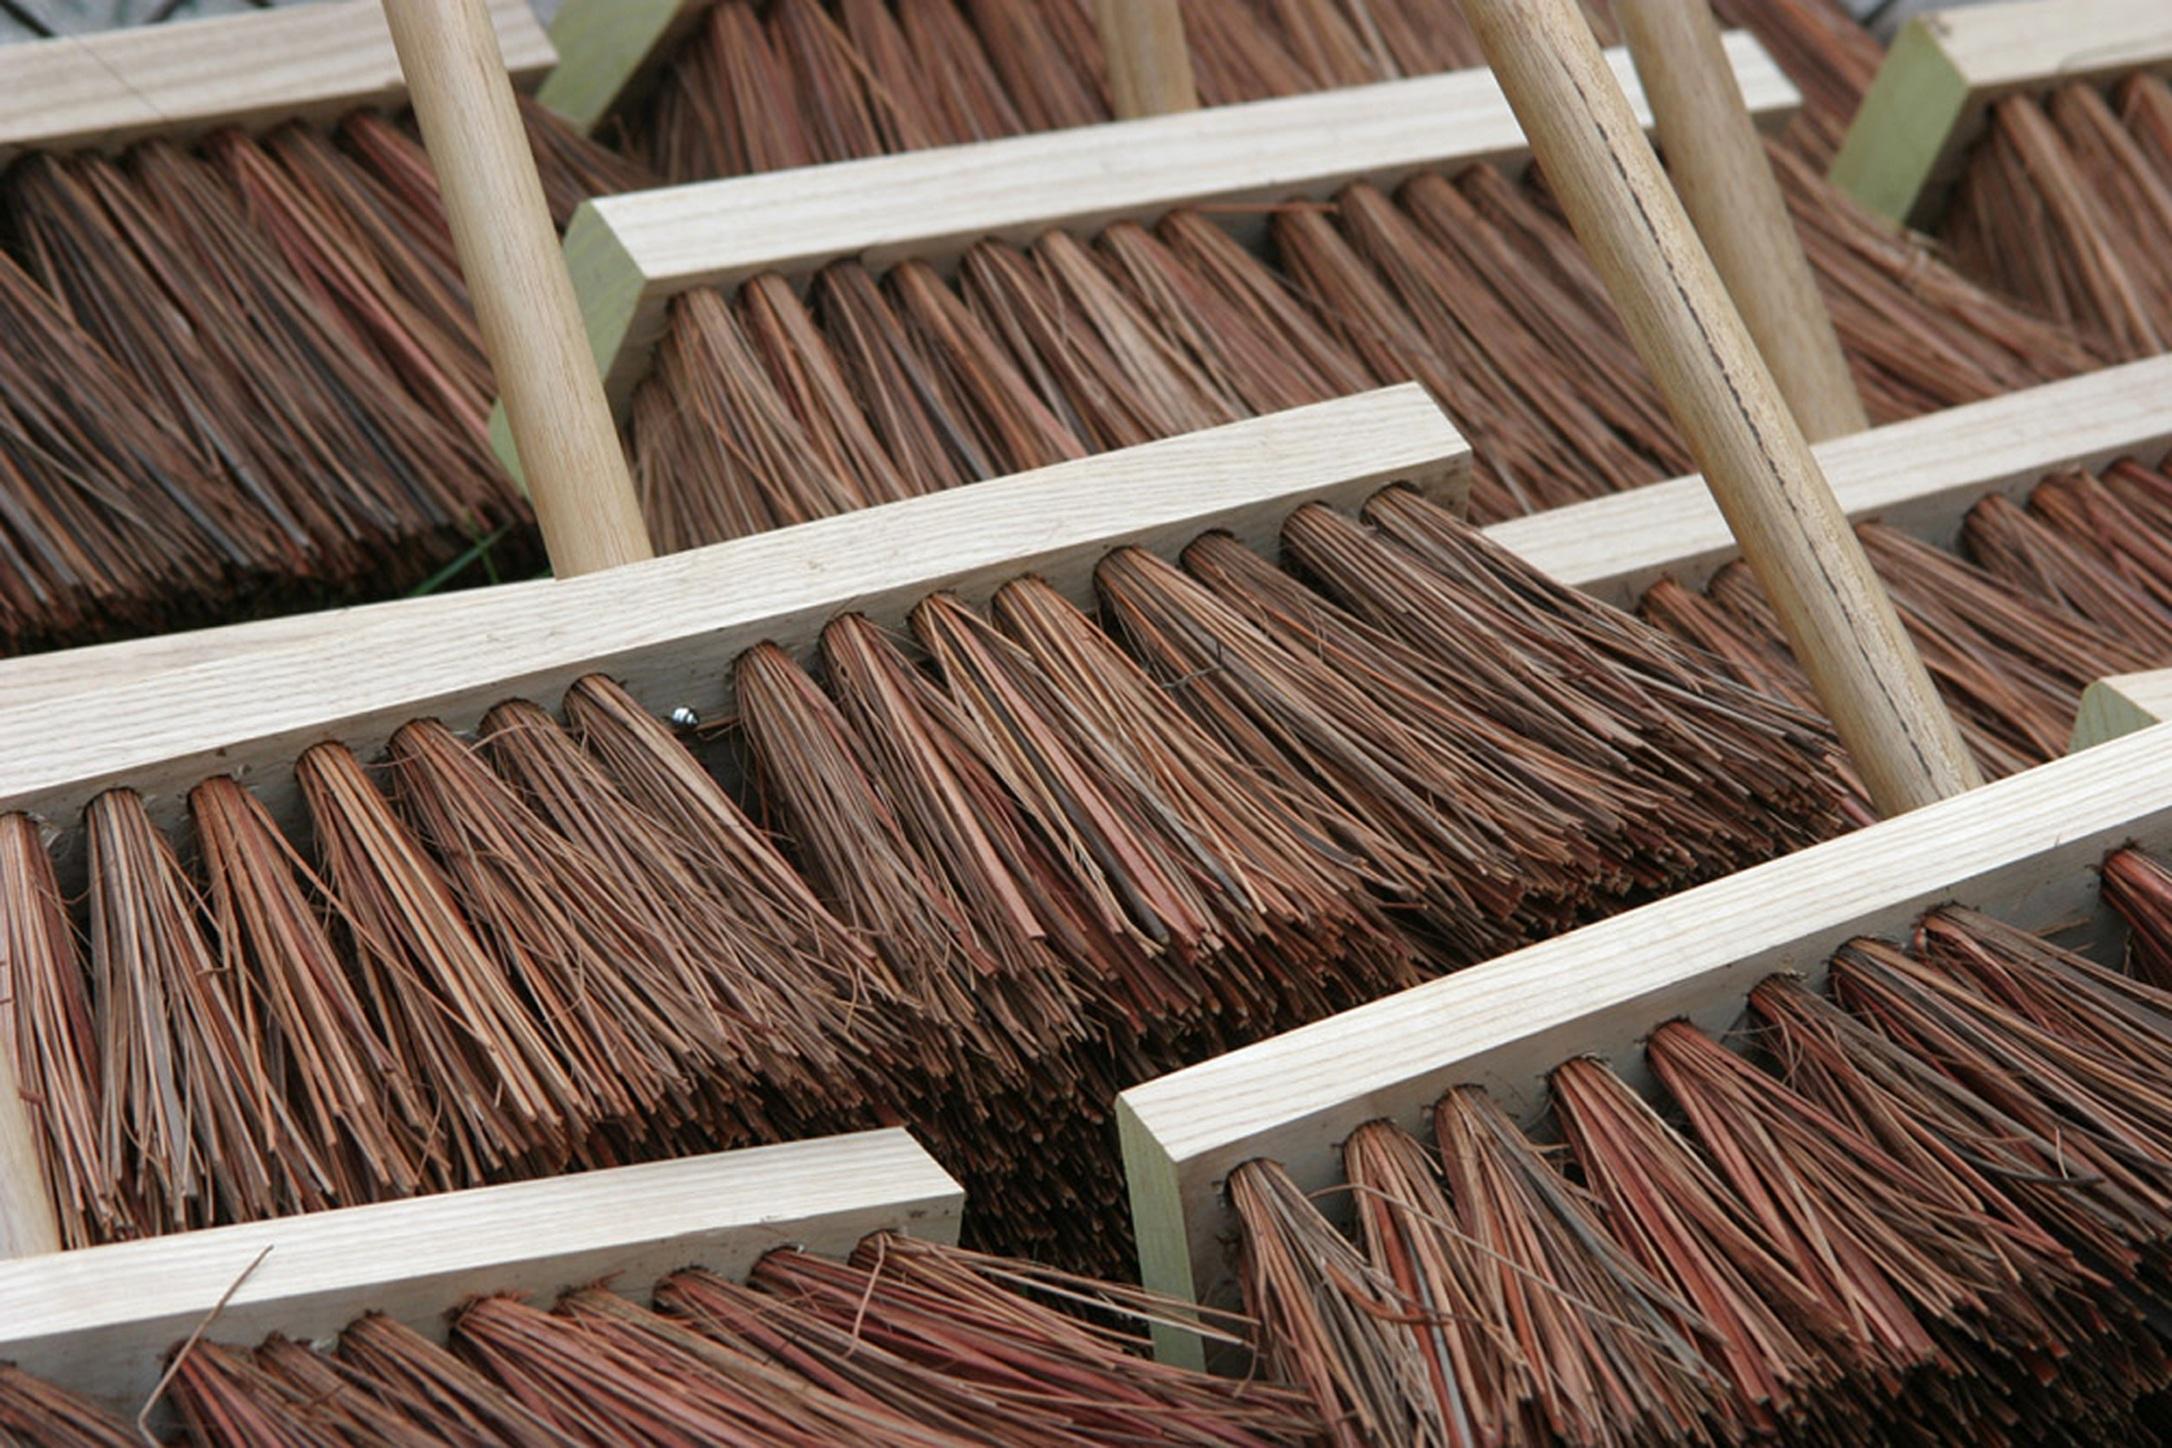 brooms-857508.jpg